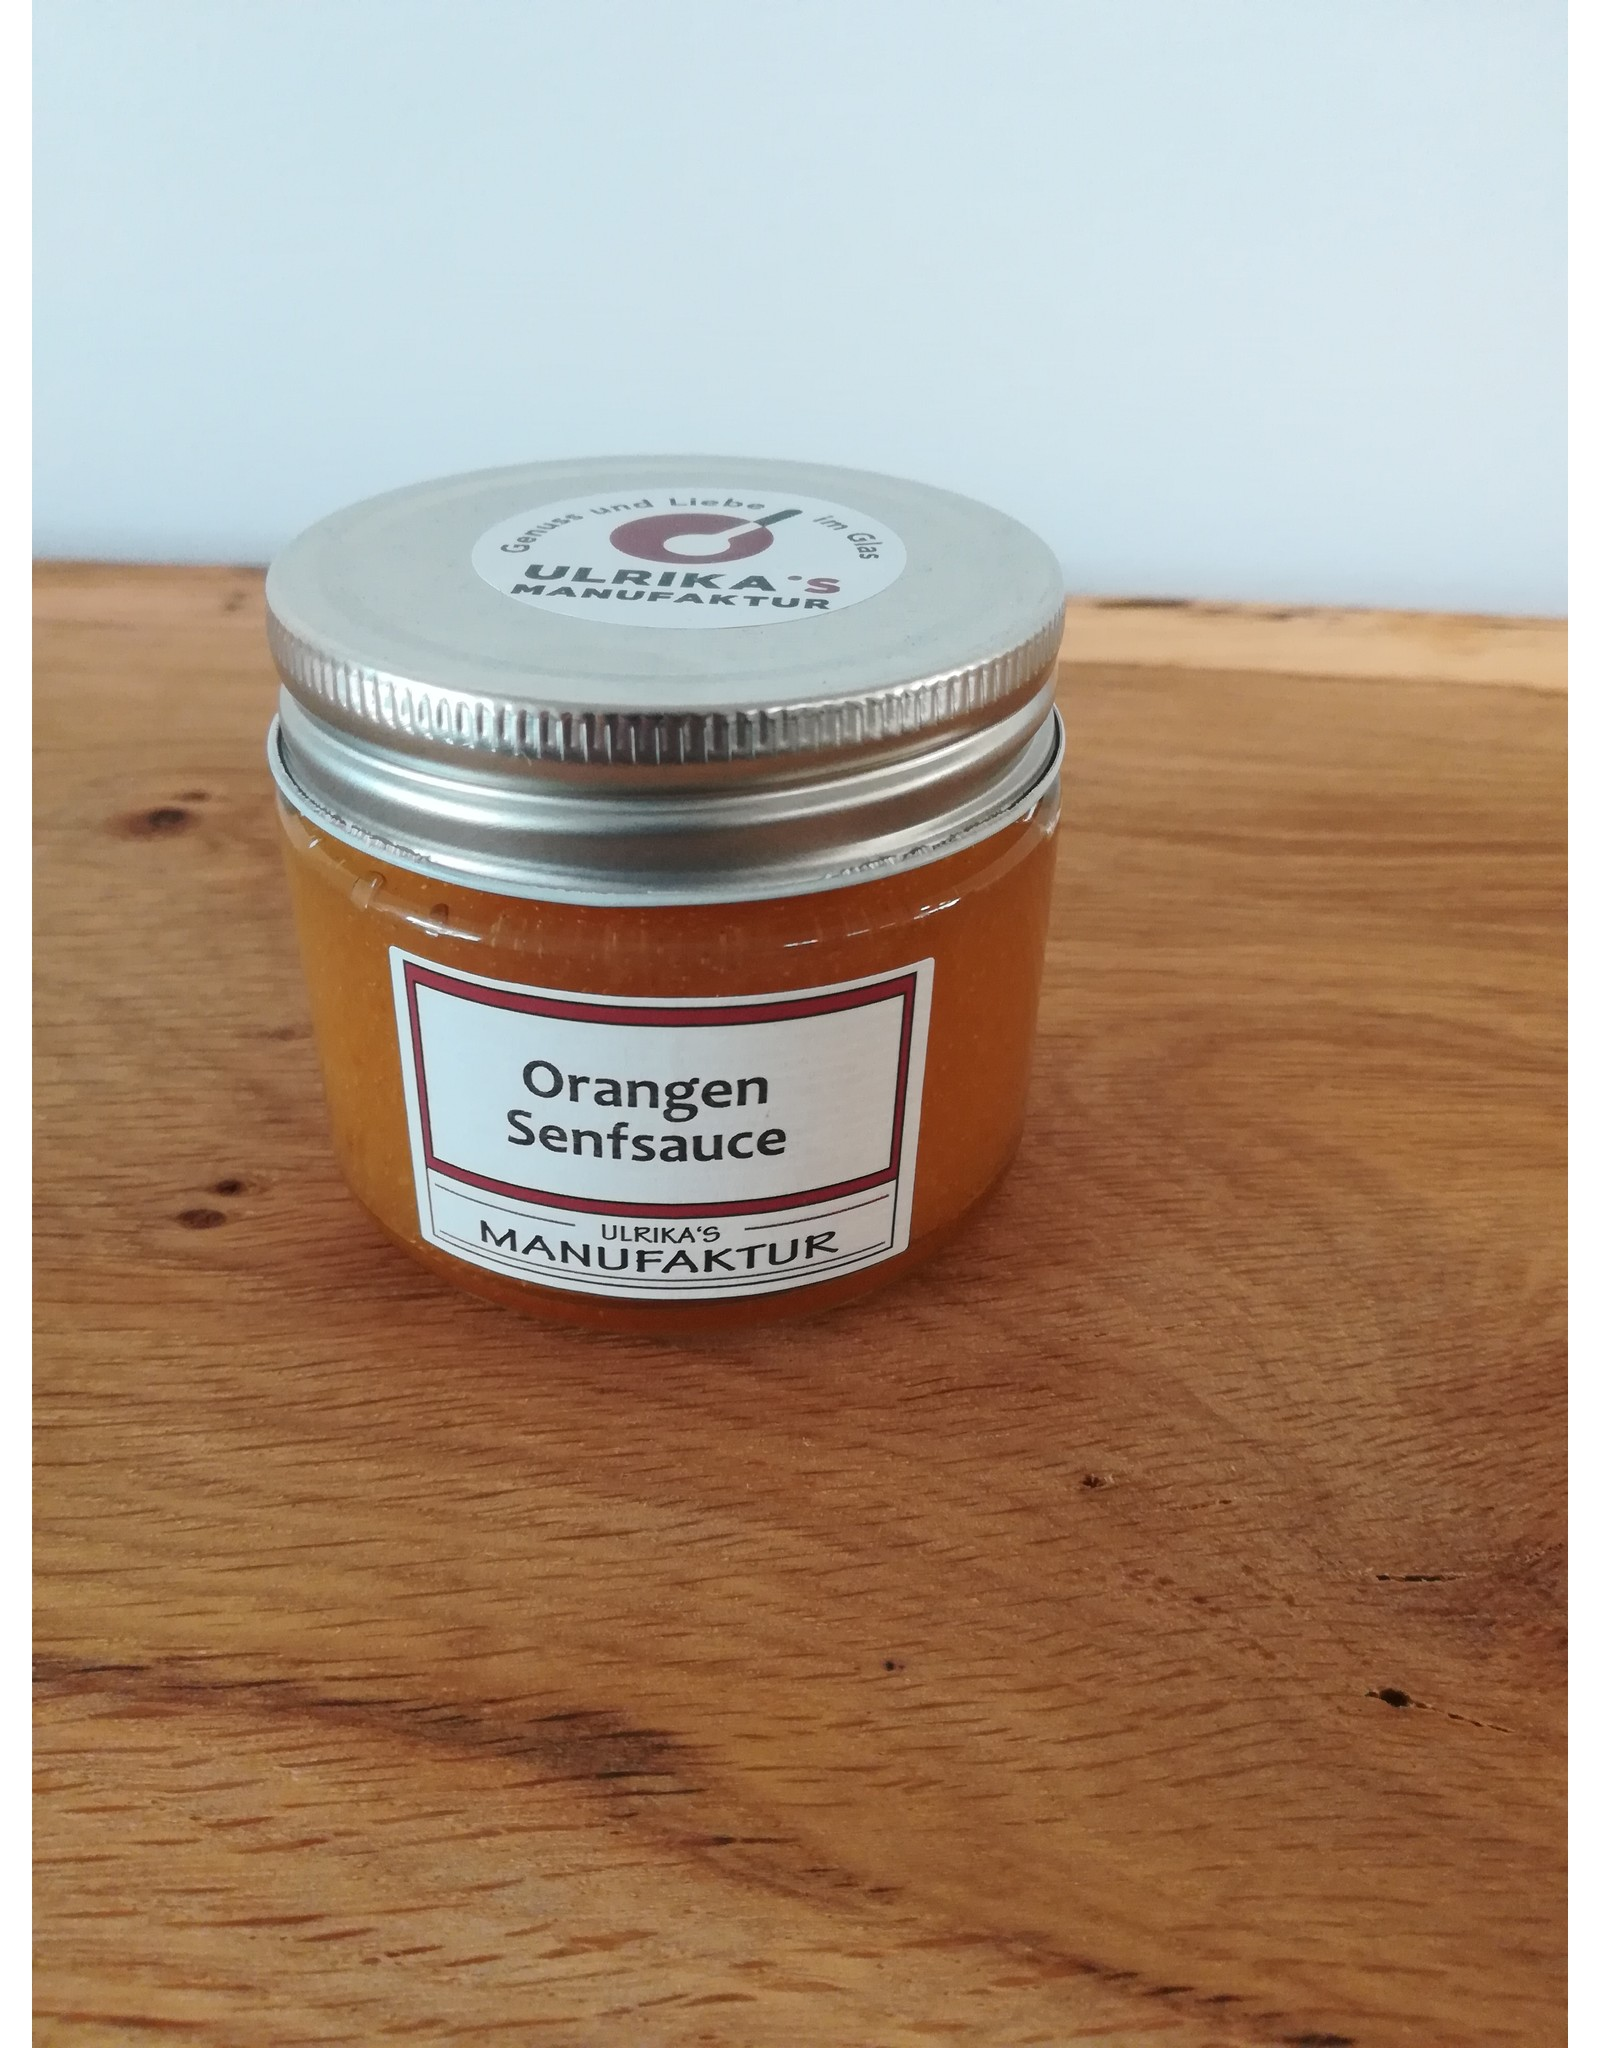 Ulrika's Orangen Senf Sauce